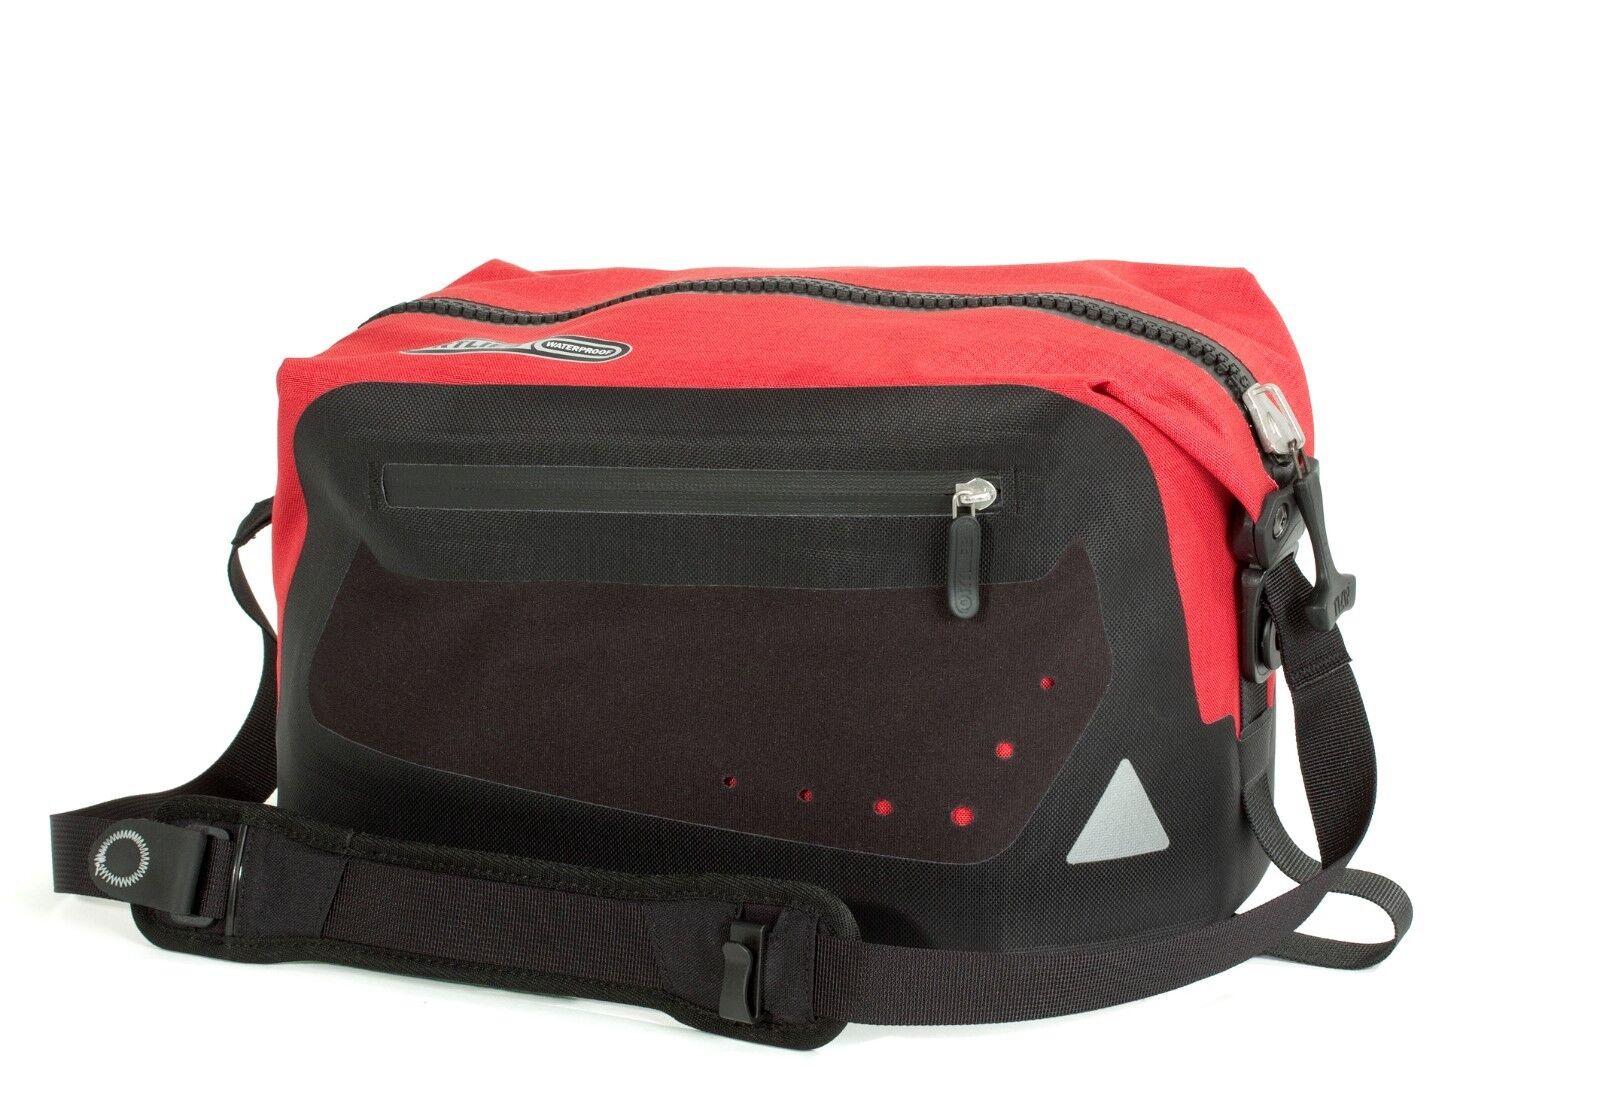 Ortlieb Trunk-Bag con Rixen & Kaul Adaptador   Rojo -negro